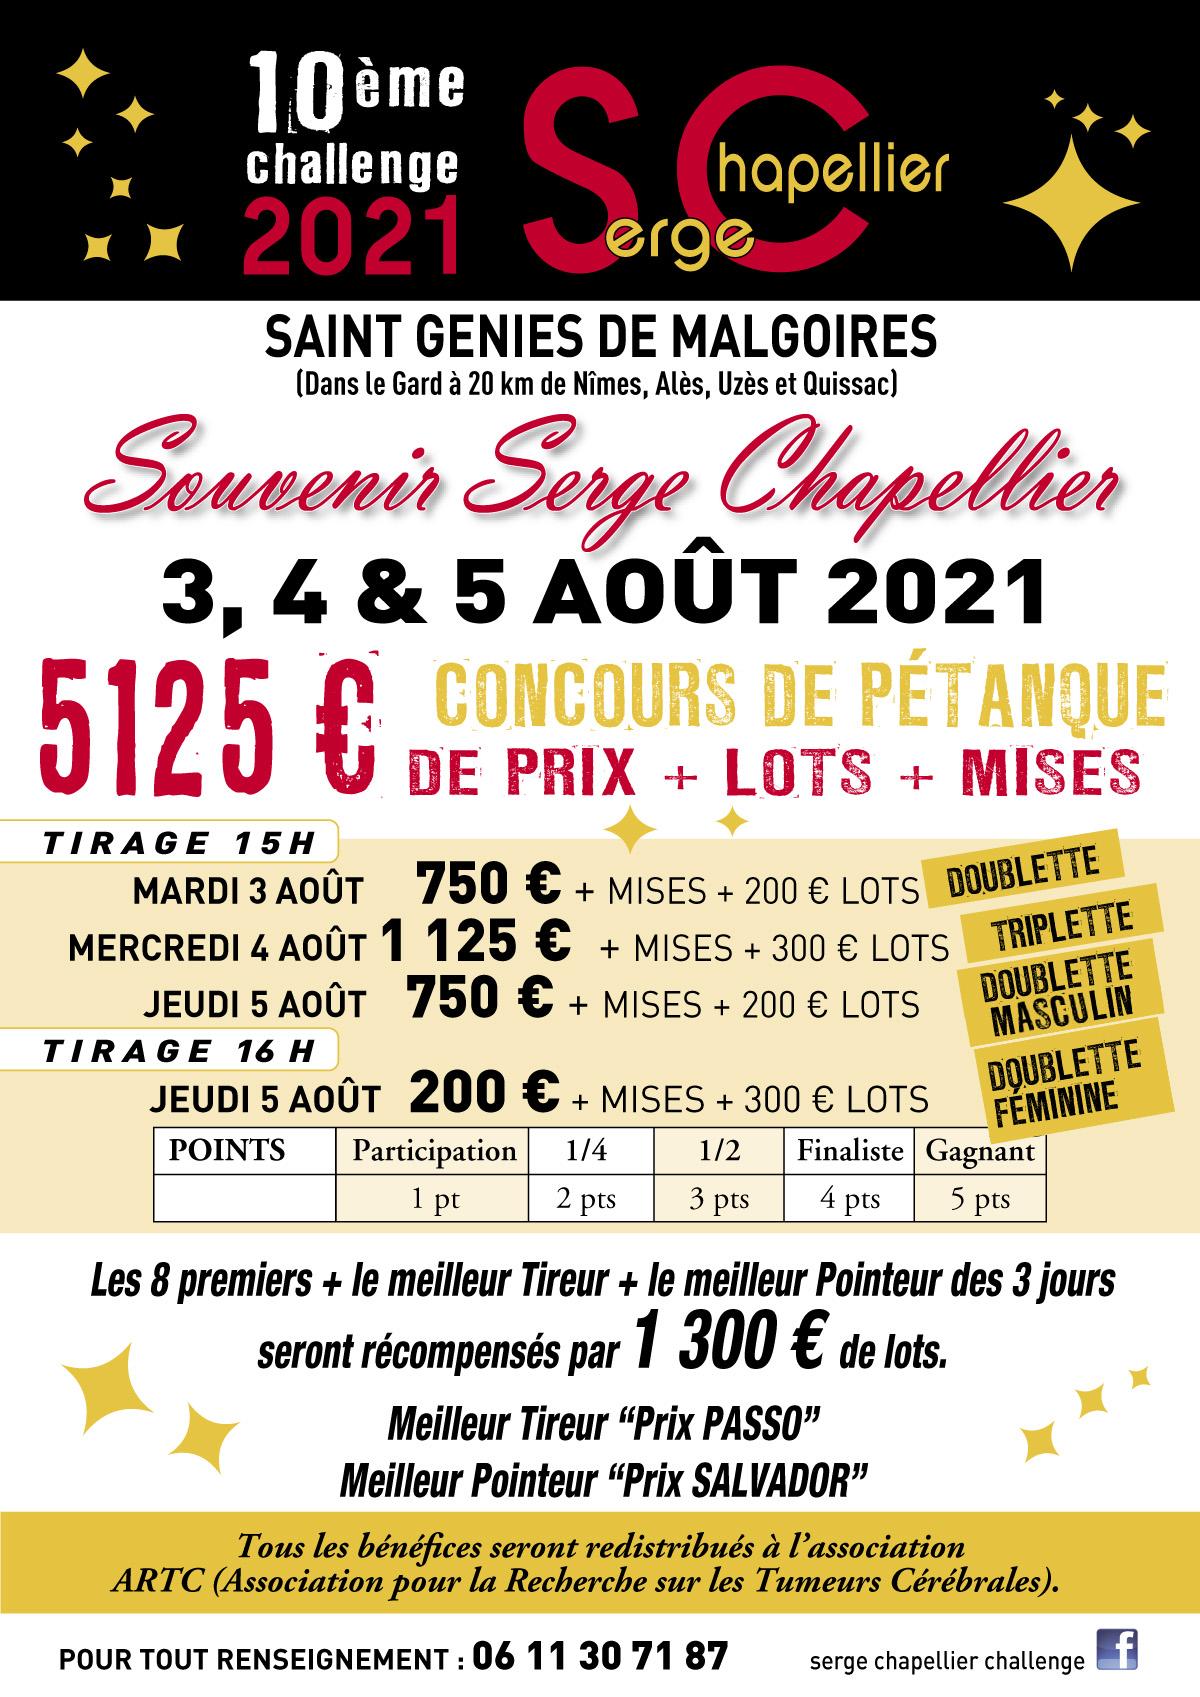 Calendrier Petanque Gard 2022 Calendrier concours pétanque 2021 dans le Gard » Nîmes Gard.fr